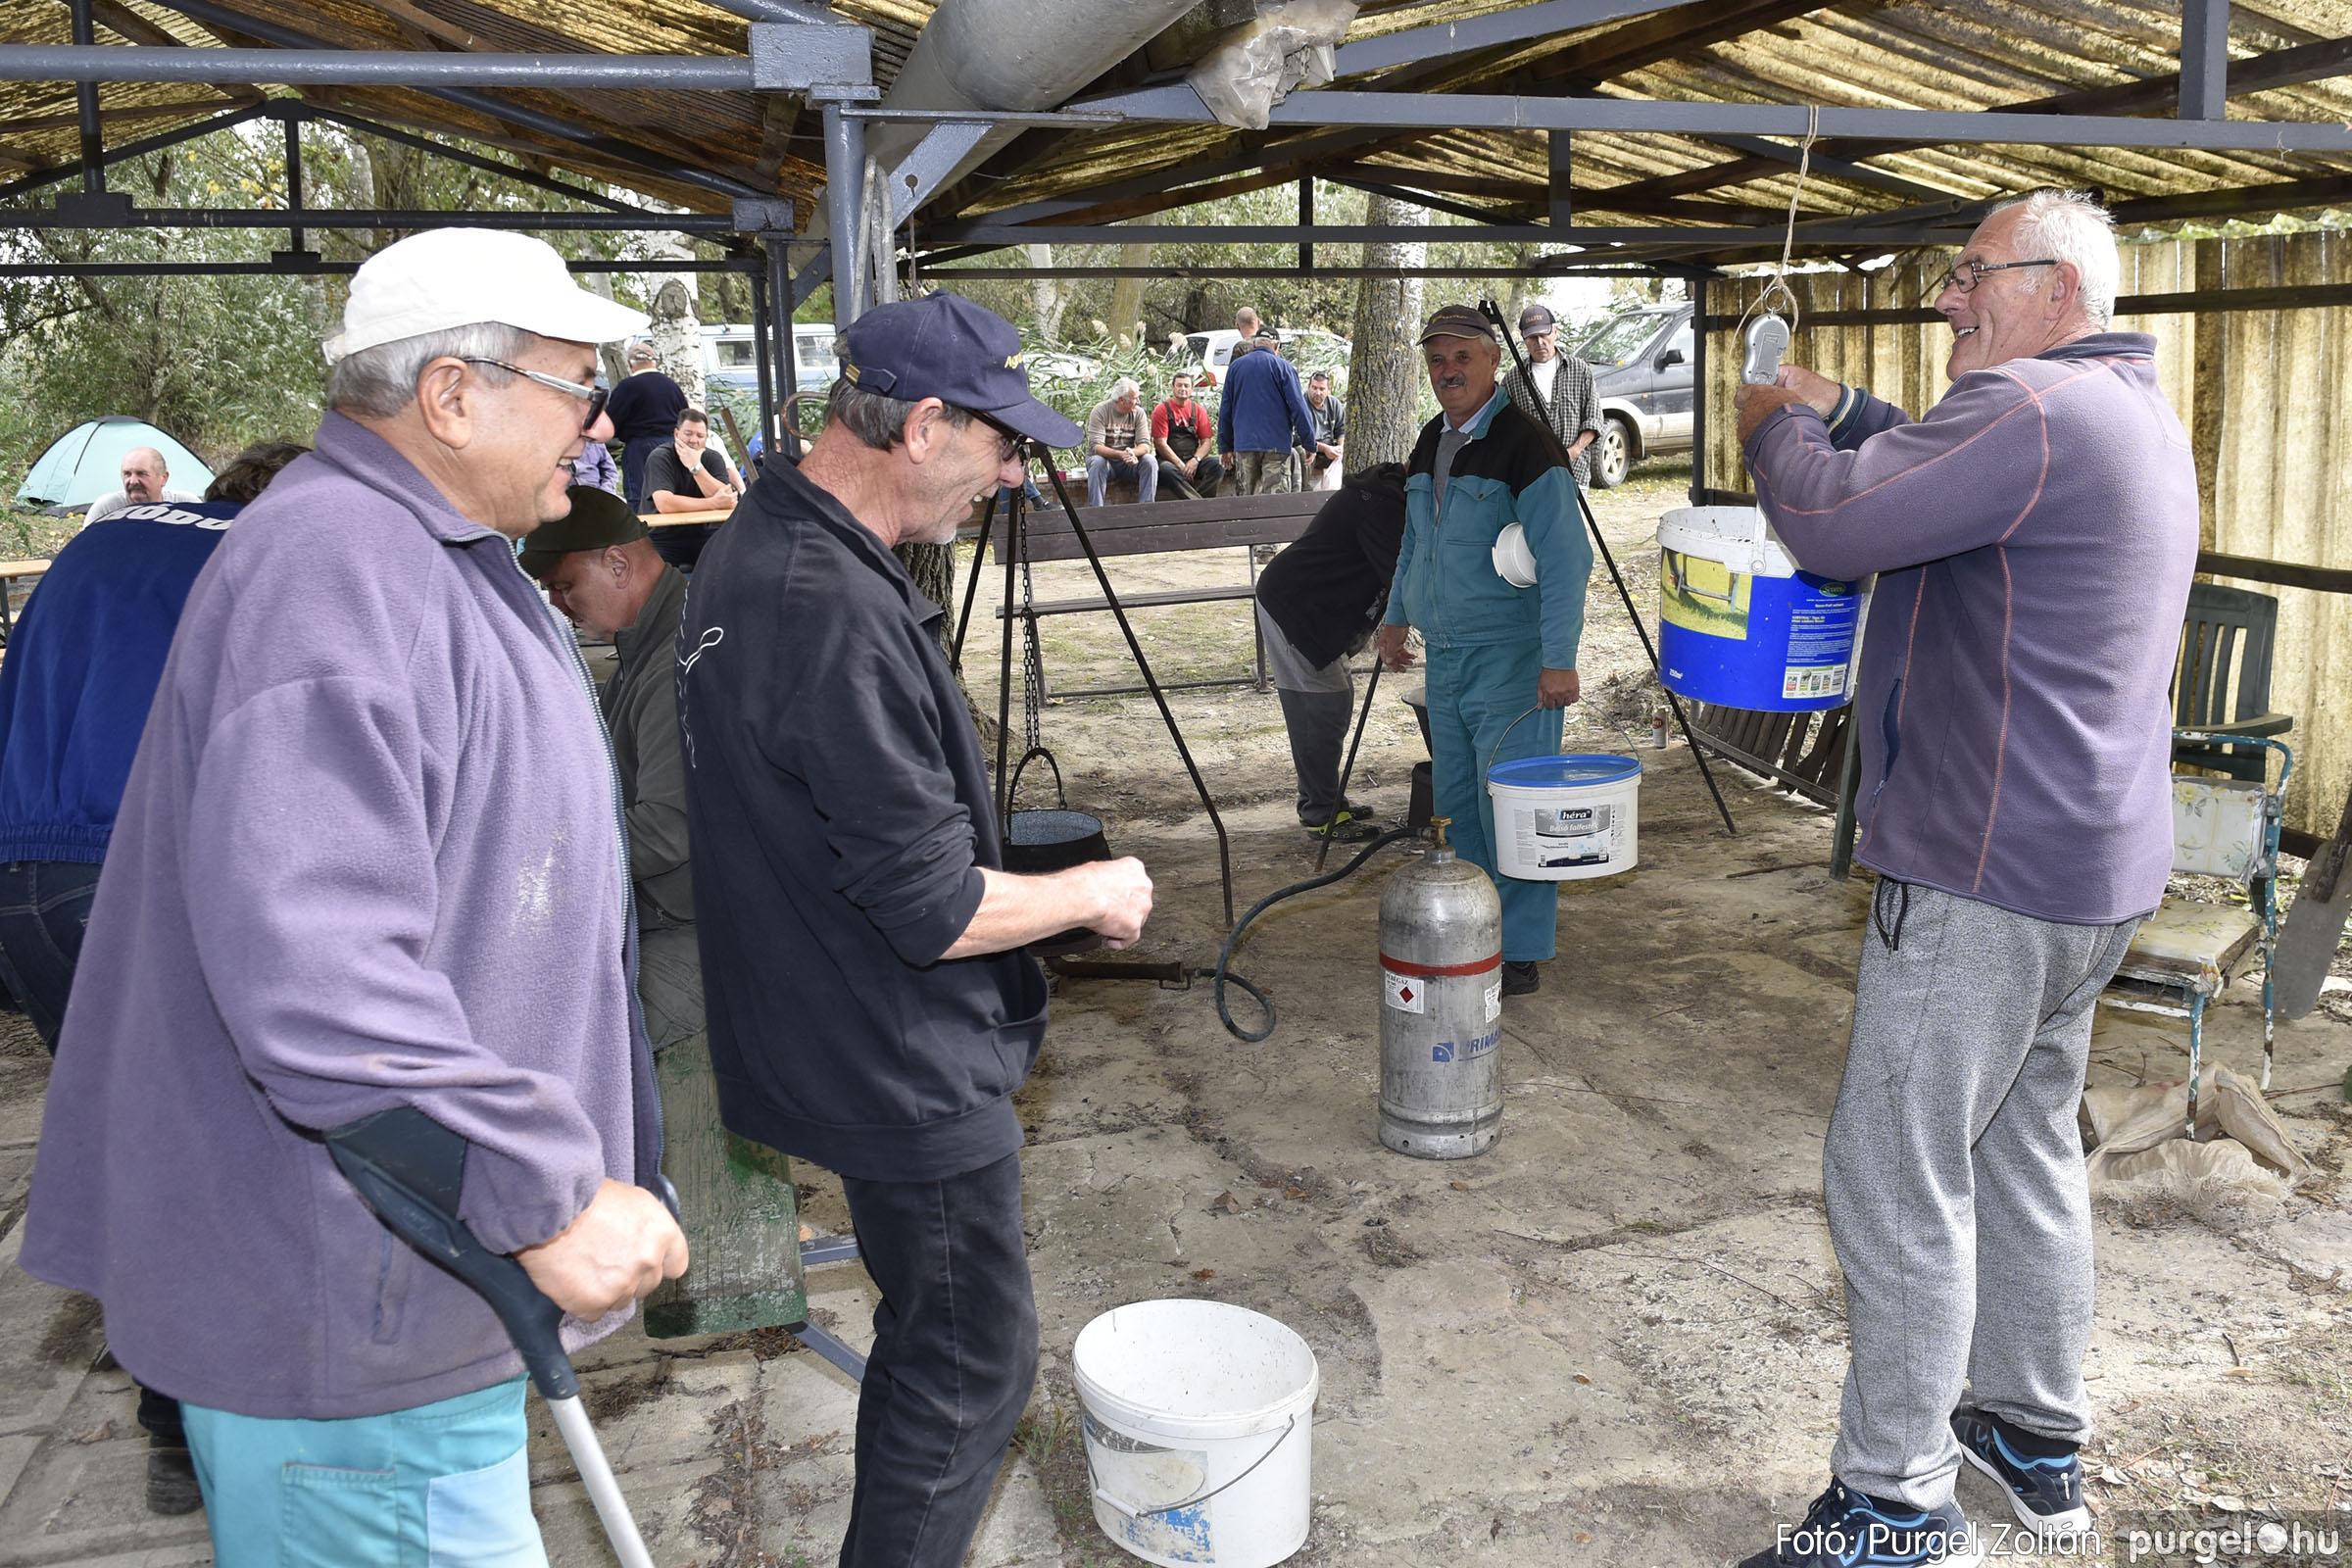 053 2020.10.03. Horgászverseny a Lándoron - Fotó: Purgel Zoltán© _DSC2984q.jpg